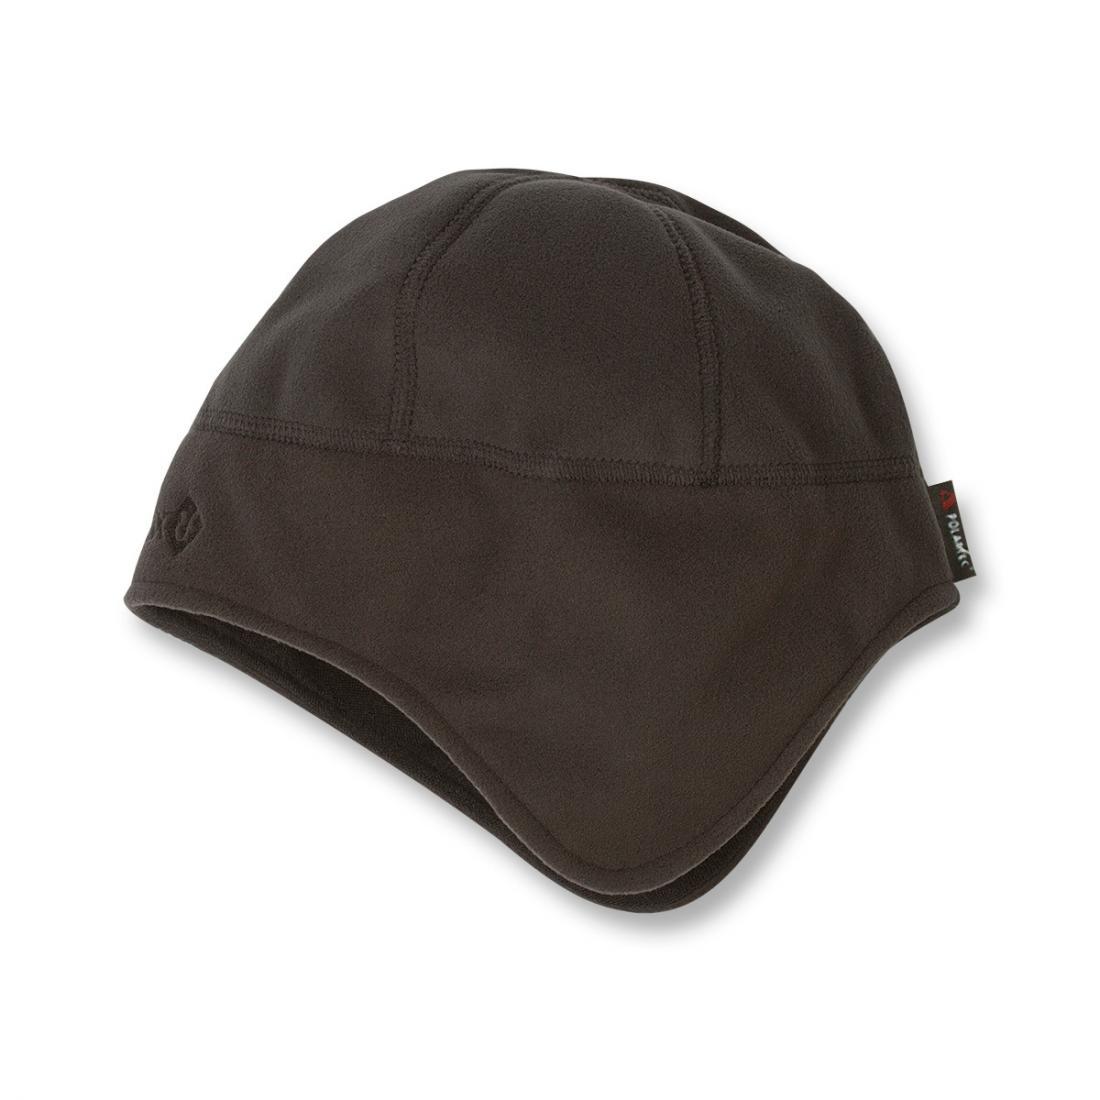 Шапка FiordШапки<br><br> Теплая непродуваемая шапка из материала Polartec®Windbloc®.<br><br><br> Основные характеристики<br><br><br>облегающий анатомический крой<br>особенный дизайн для дополнительной защиты ушей<br><br> Особенности<br><br>&lt;...<br><br>Цвет: Черный<br>Размер: 60